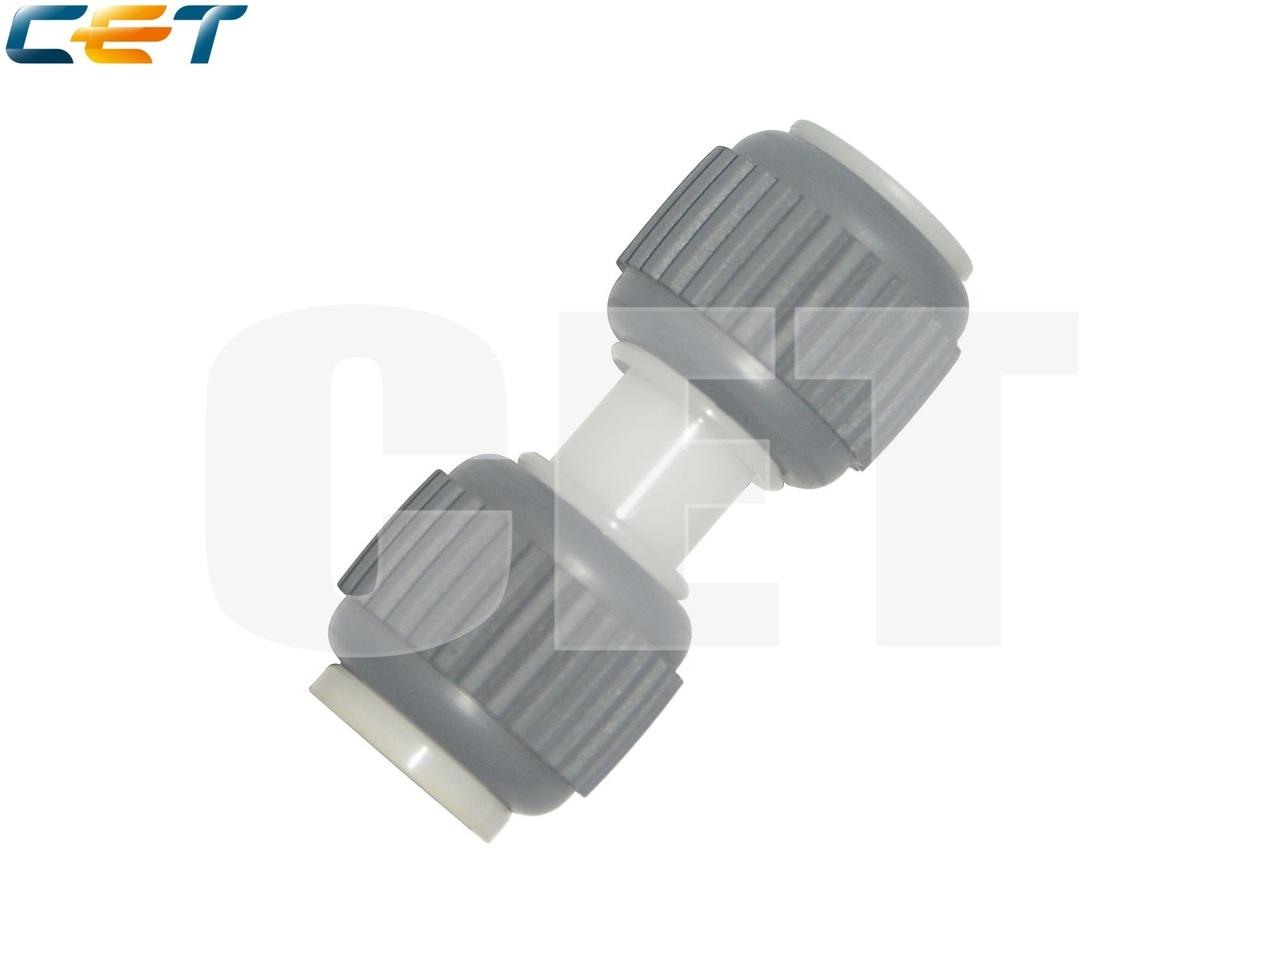 Ролик подхвата ADF FC8-5577-000 для CANON iR ADVANCE6055/6065/6075/6255/6265/6275 (CET), CET5094